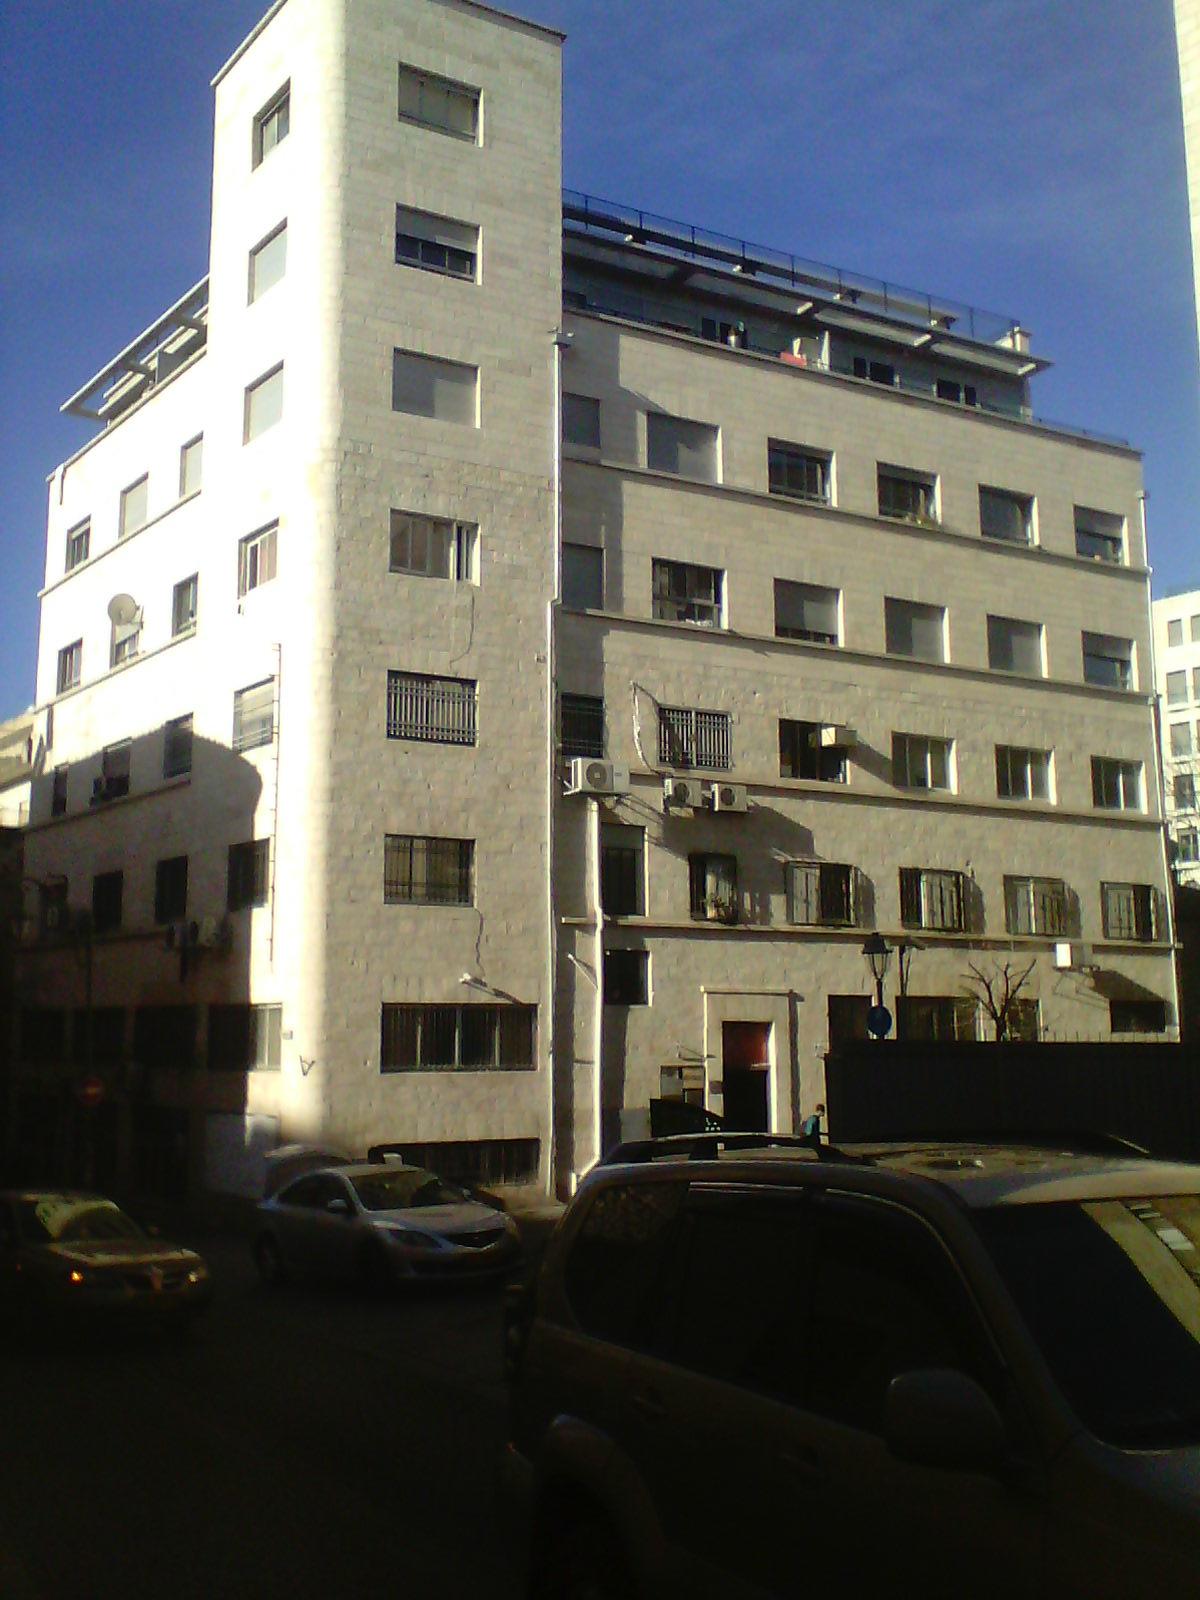 Баухауз в Иерусалиме. Дом на улице Хавацелет